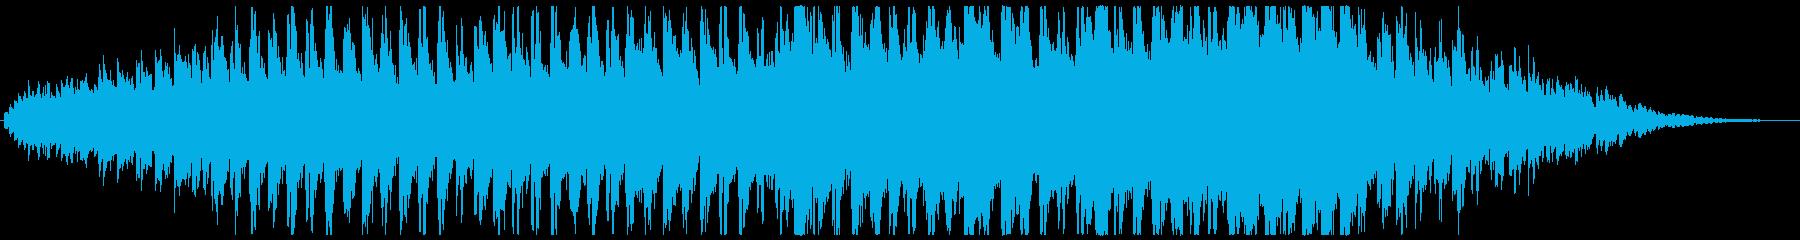 実験的な 緊張感 暗い ホラー 弦...の再生済みの波形